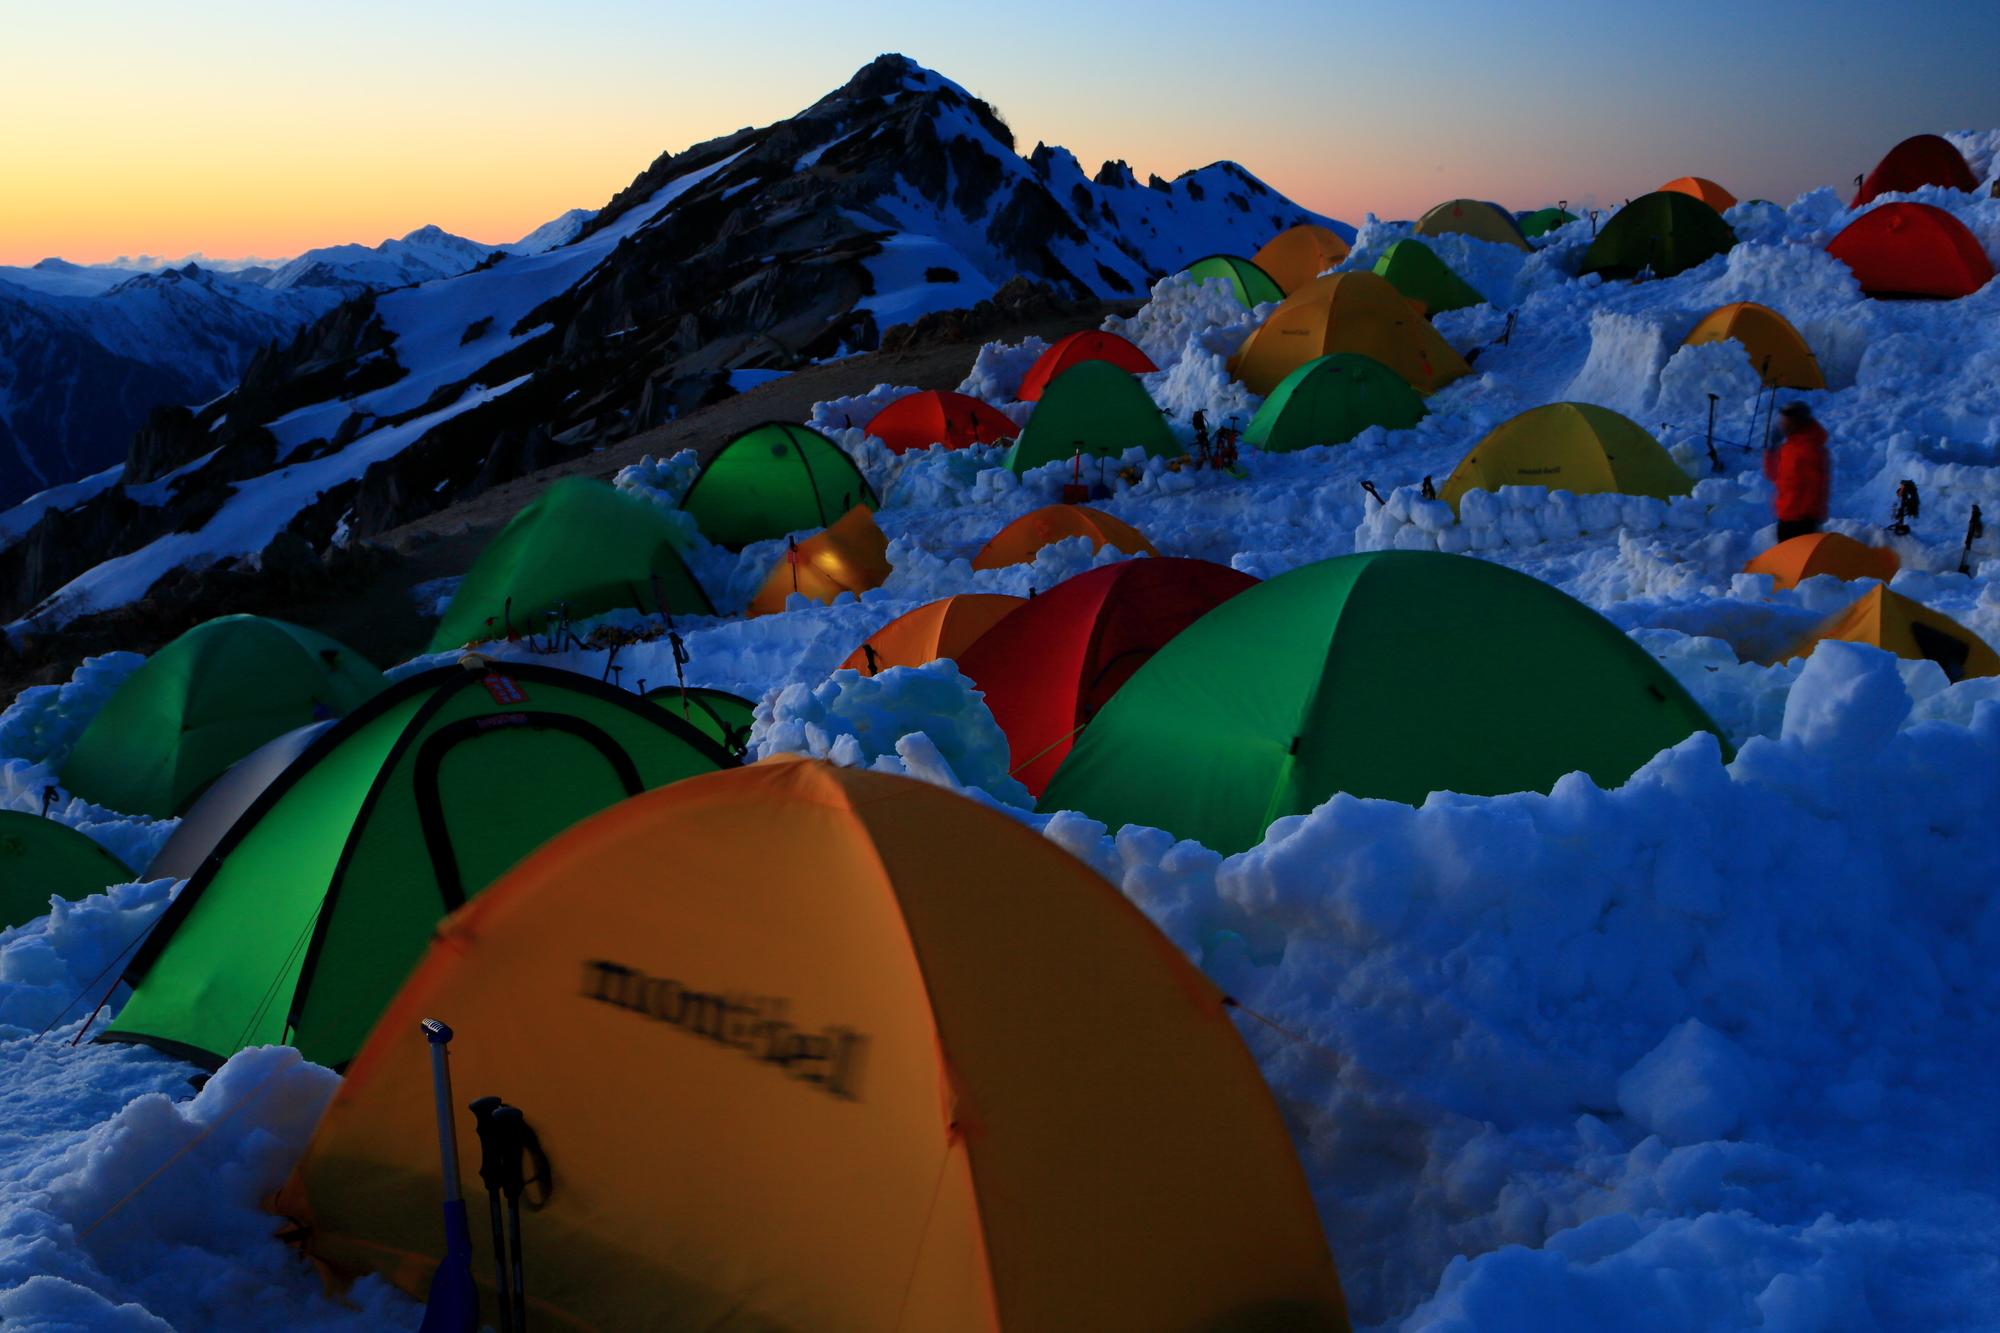 【テント泊デビューに向けて!】登山テントを買う前にテントの違いについて知っておこう♪